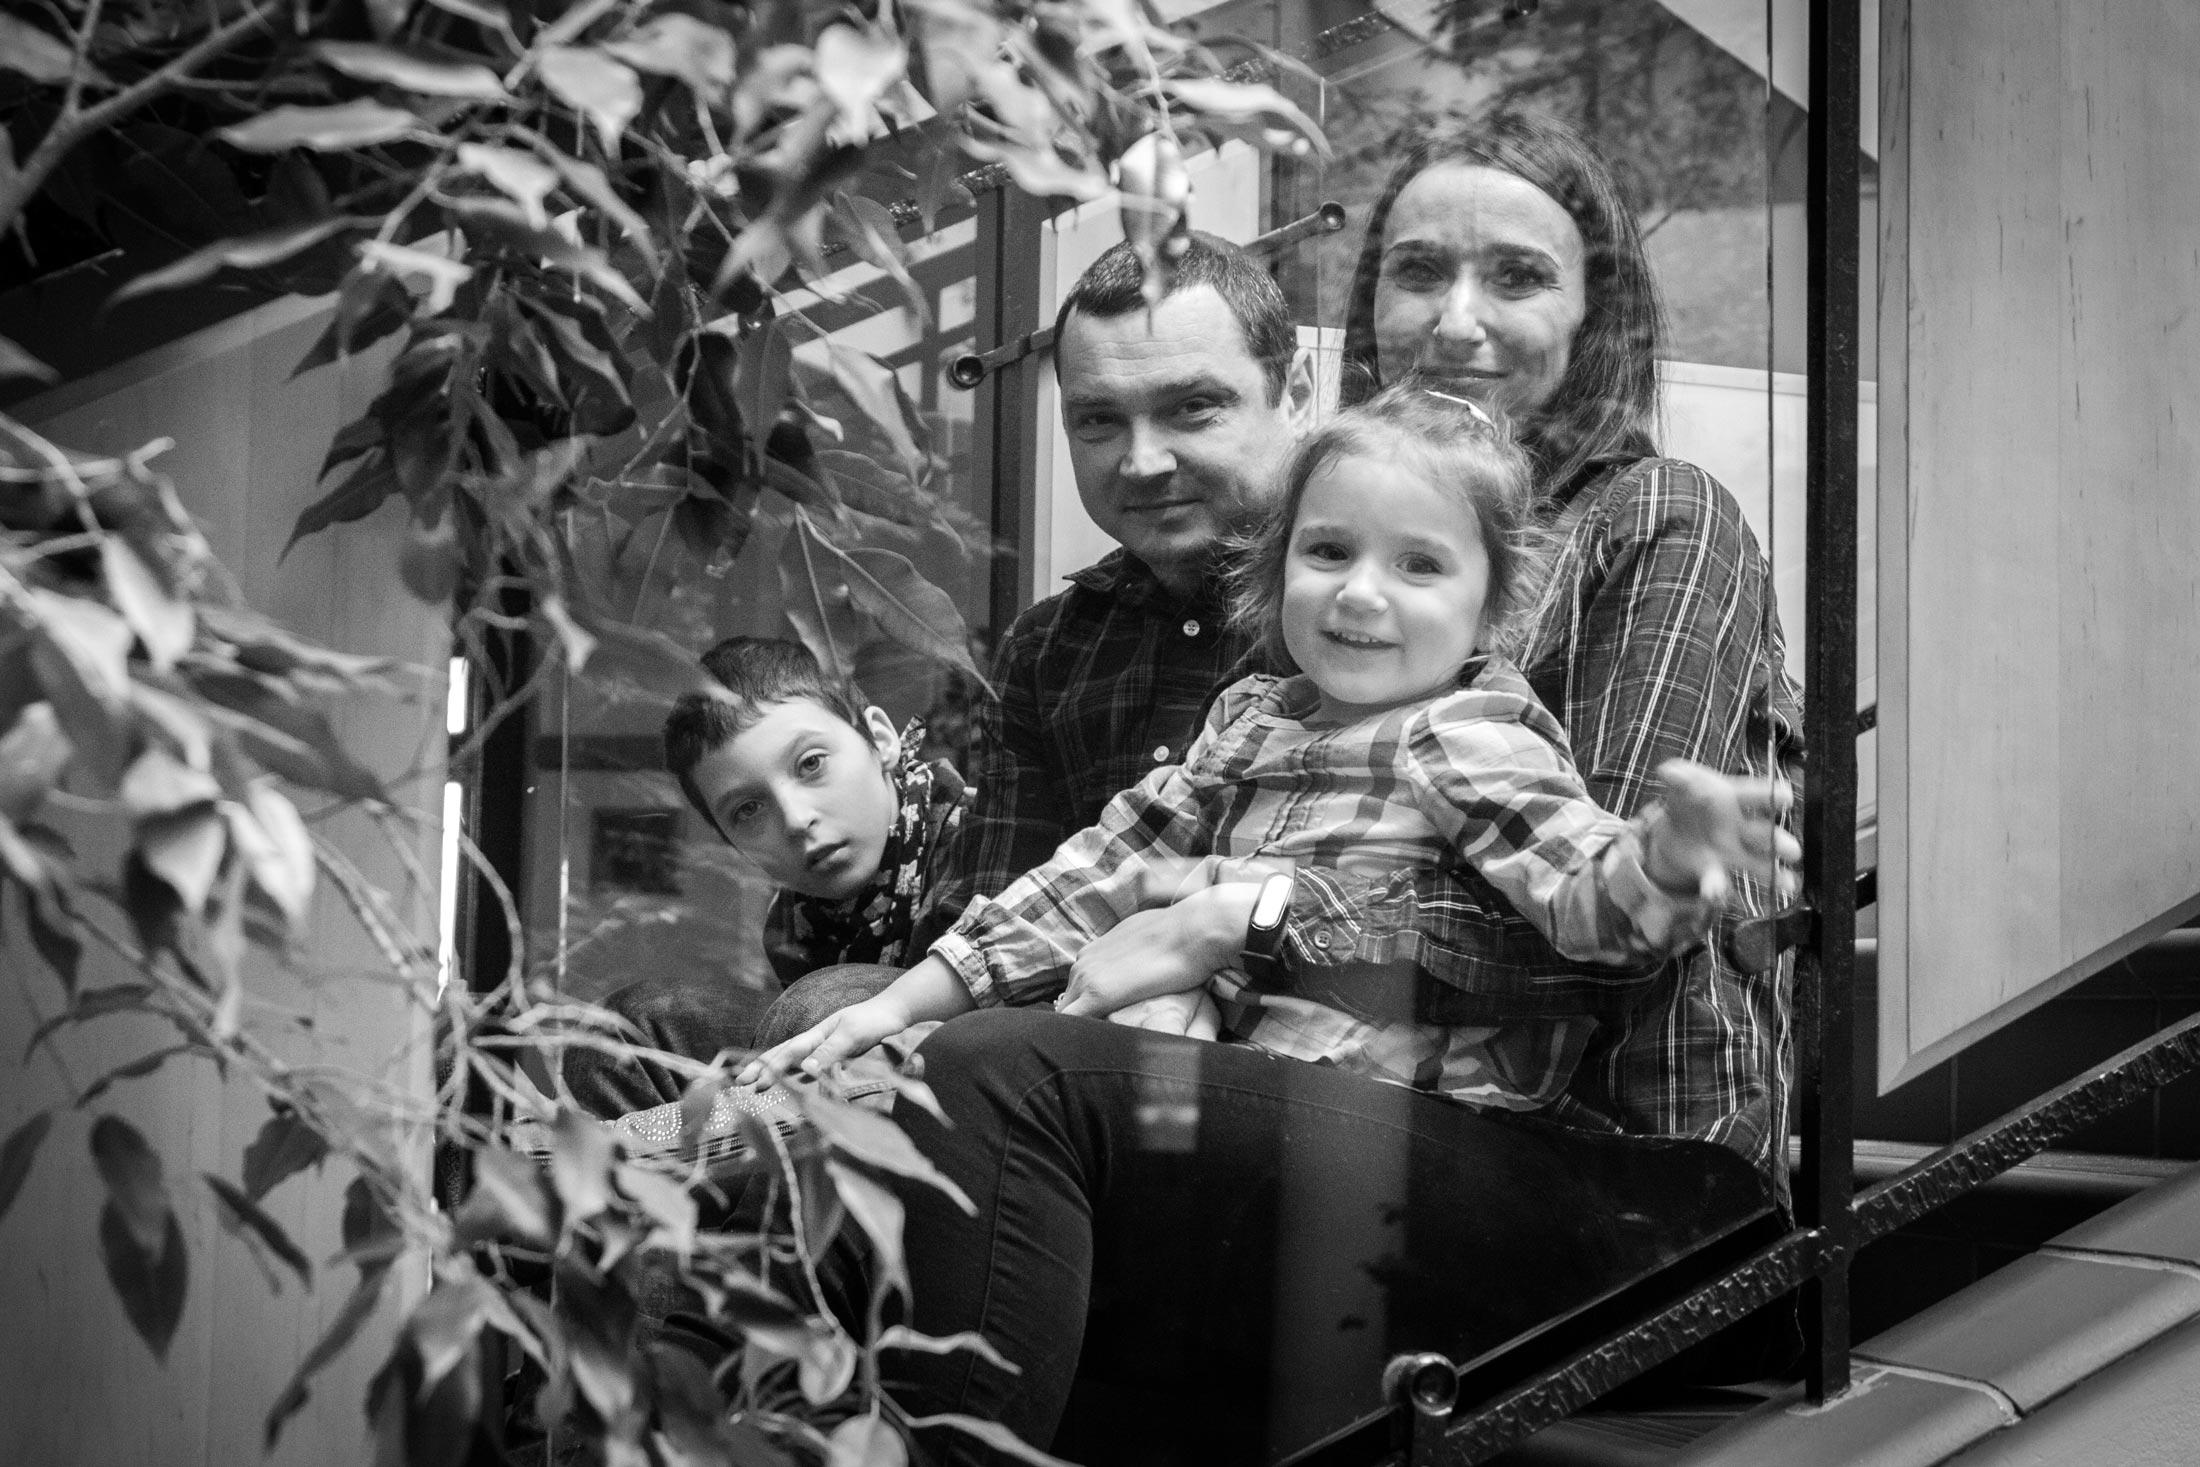 yaroslava nikanshin 02 - <b>Таке життя.</b> Як спілкуватися із батьками дітей з особливими потребами й не перетворювати розмову на щось особливе - Заборона